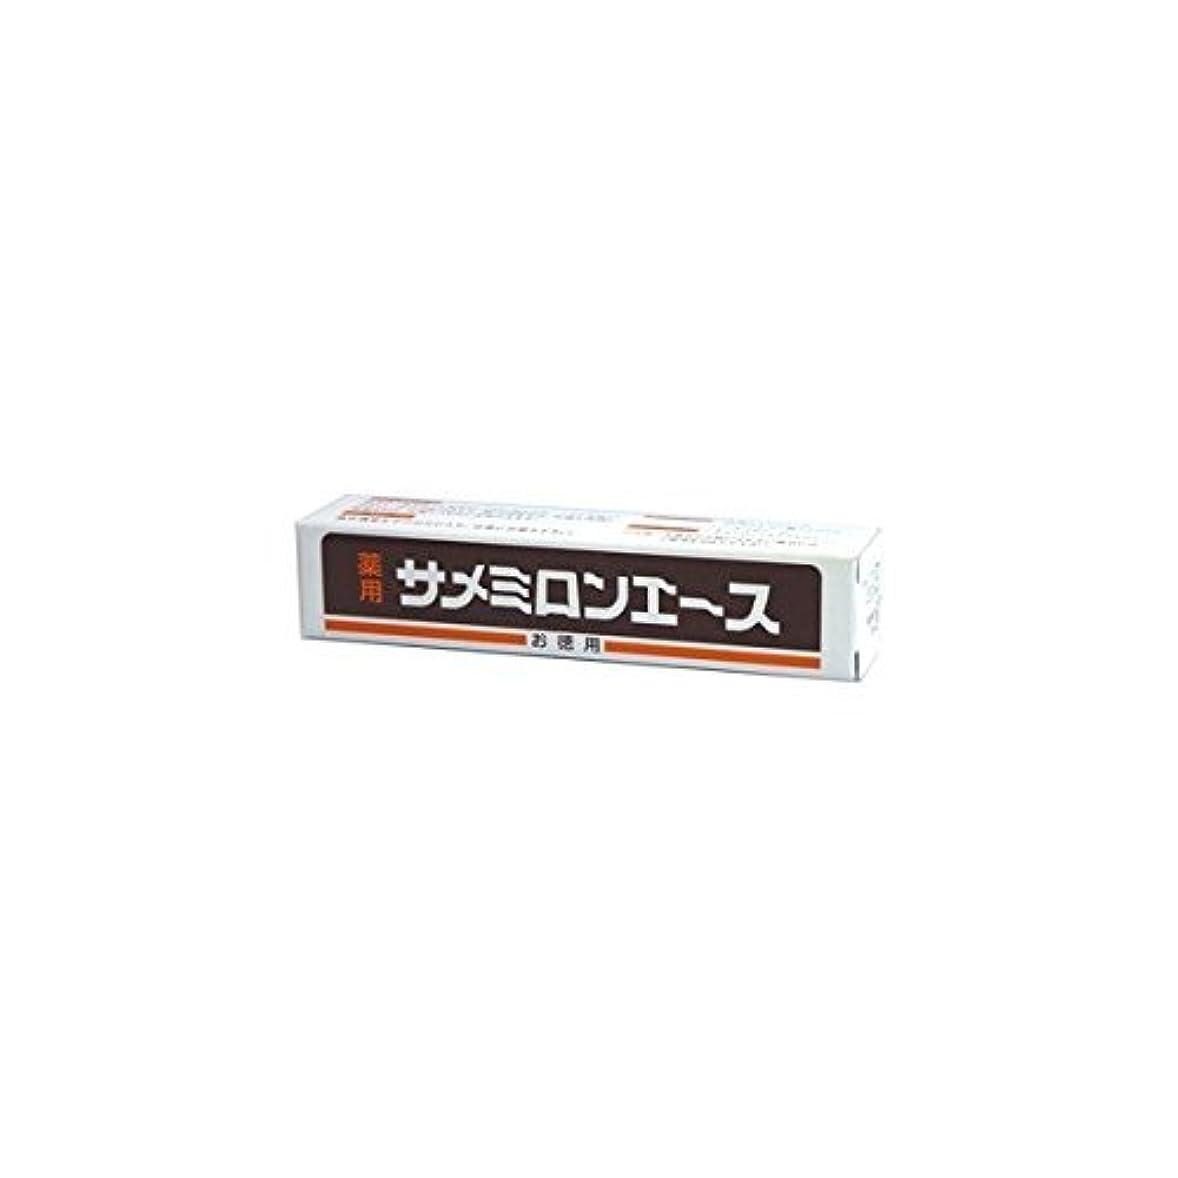 導出副感性薬用 サメミロンエース 20ml入り 2個 スクアレン配合